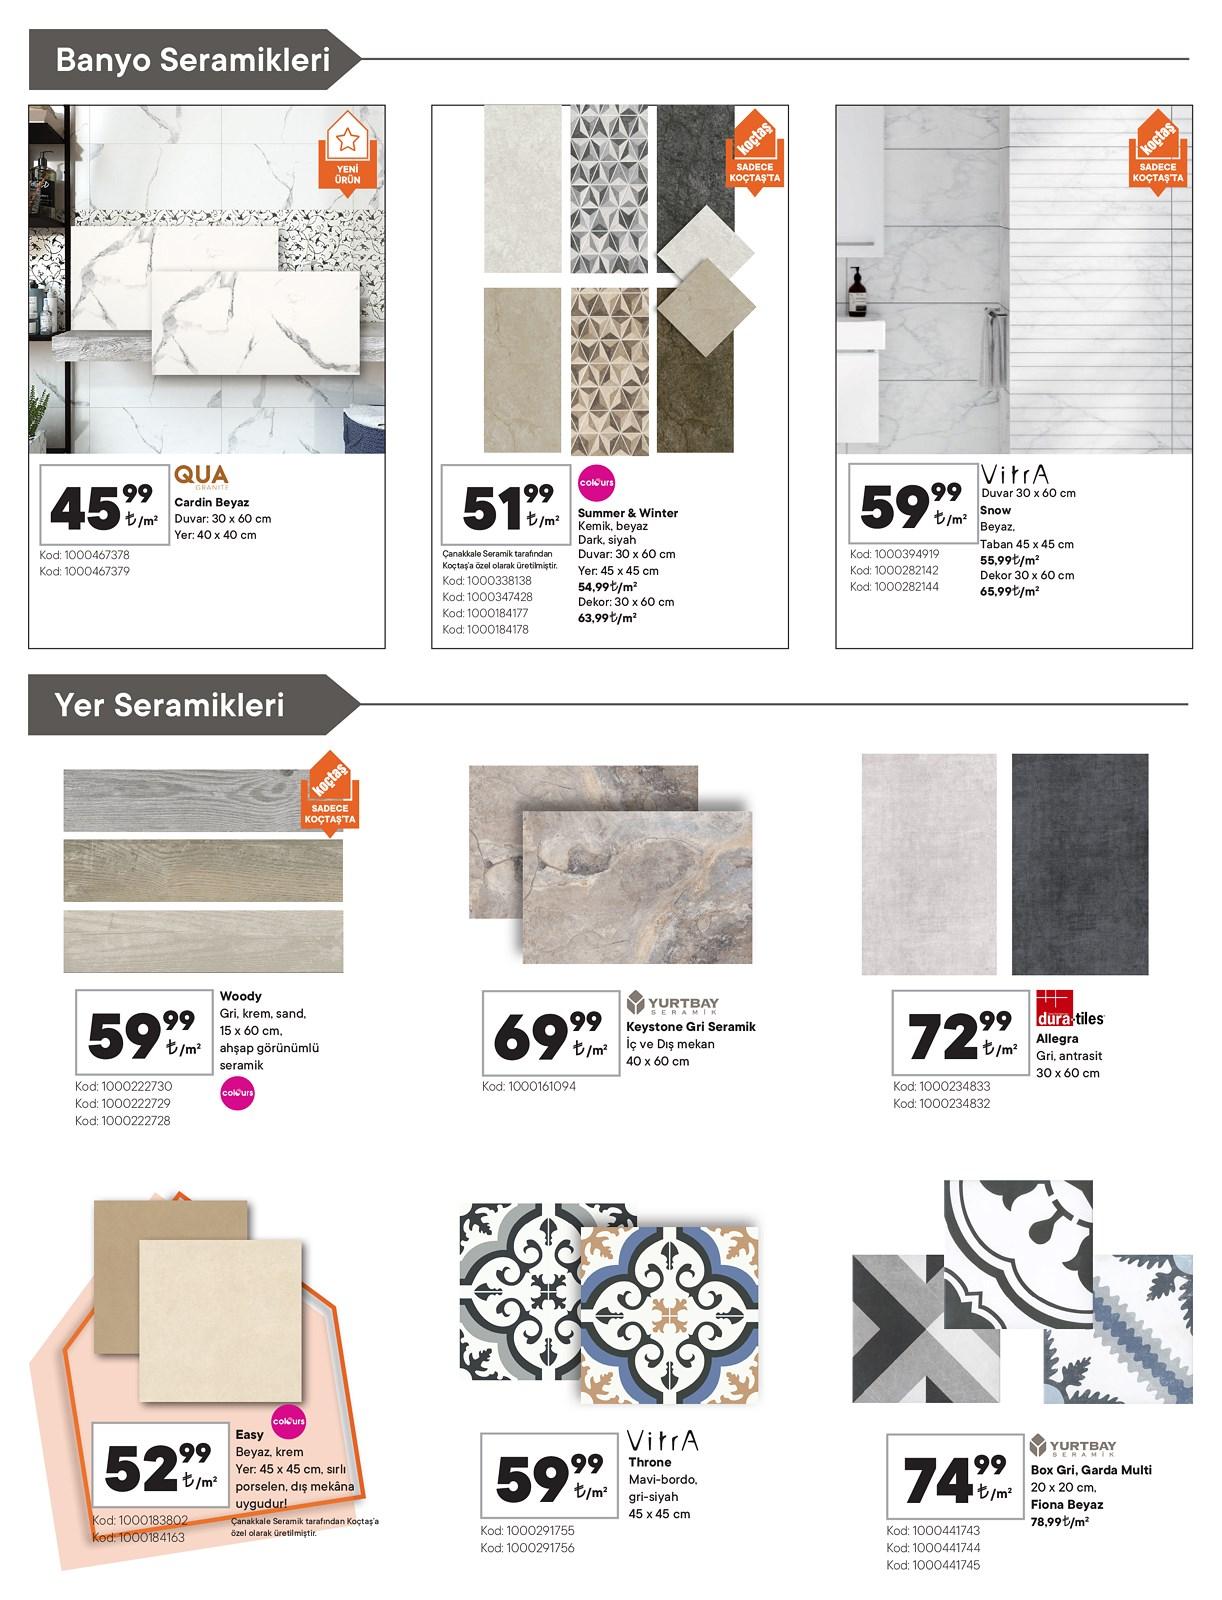 07.10.2021 Koçtaş broşürü 22. sayfa